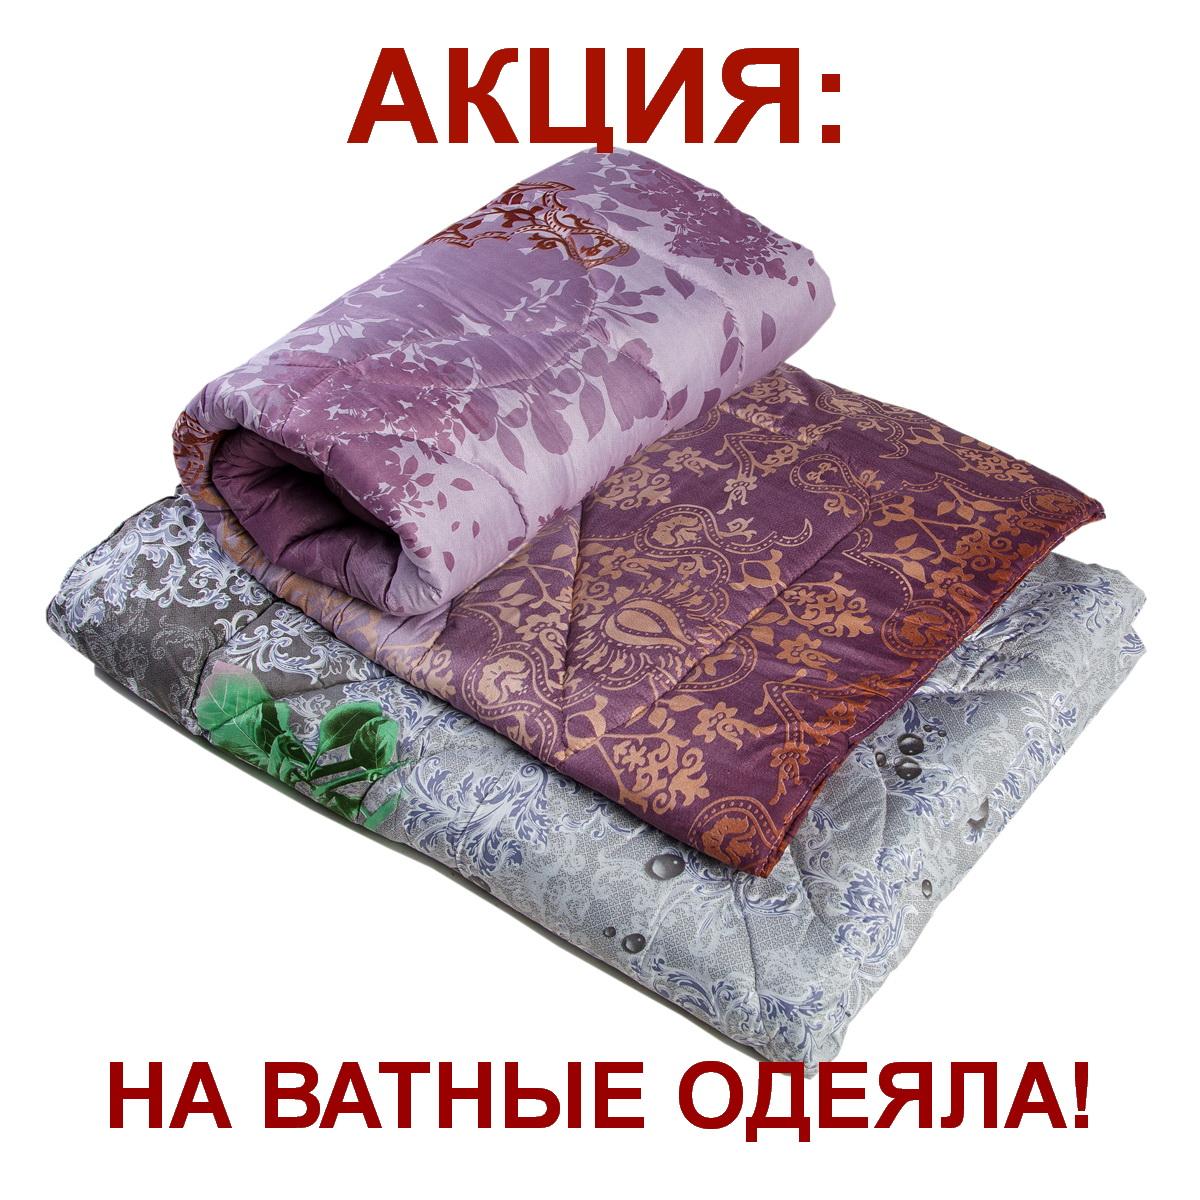 С 8 по 14 октября предлагаем одеяла ватные со скидкой.